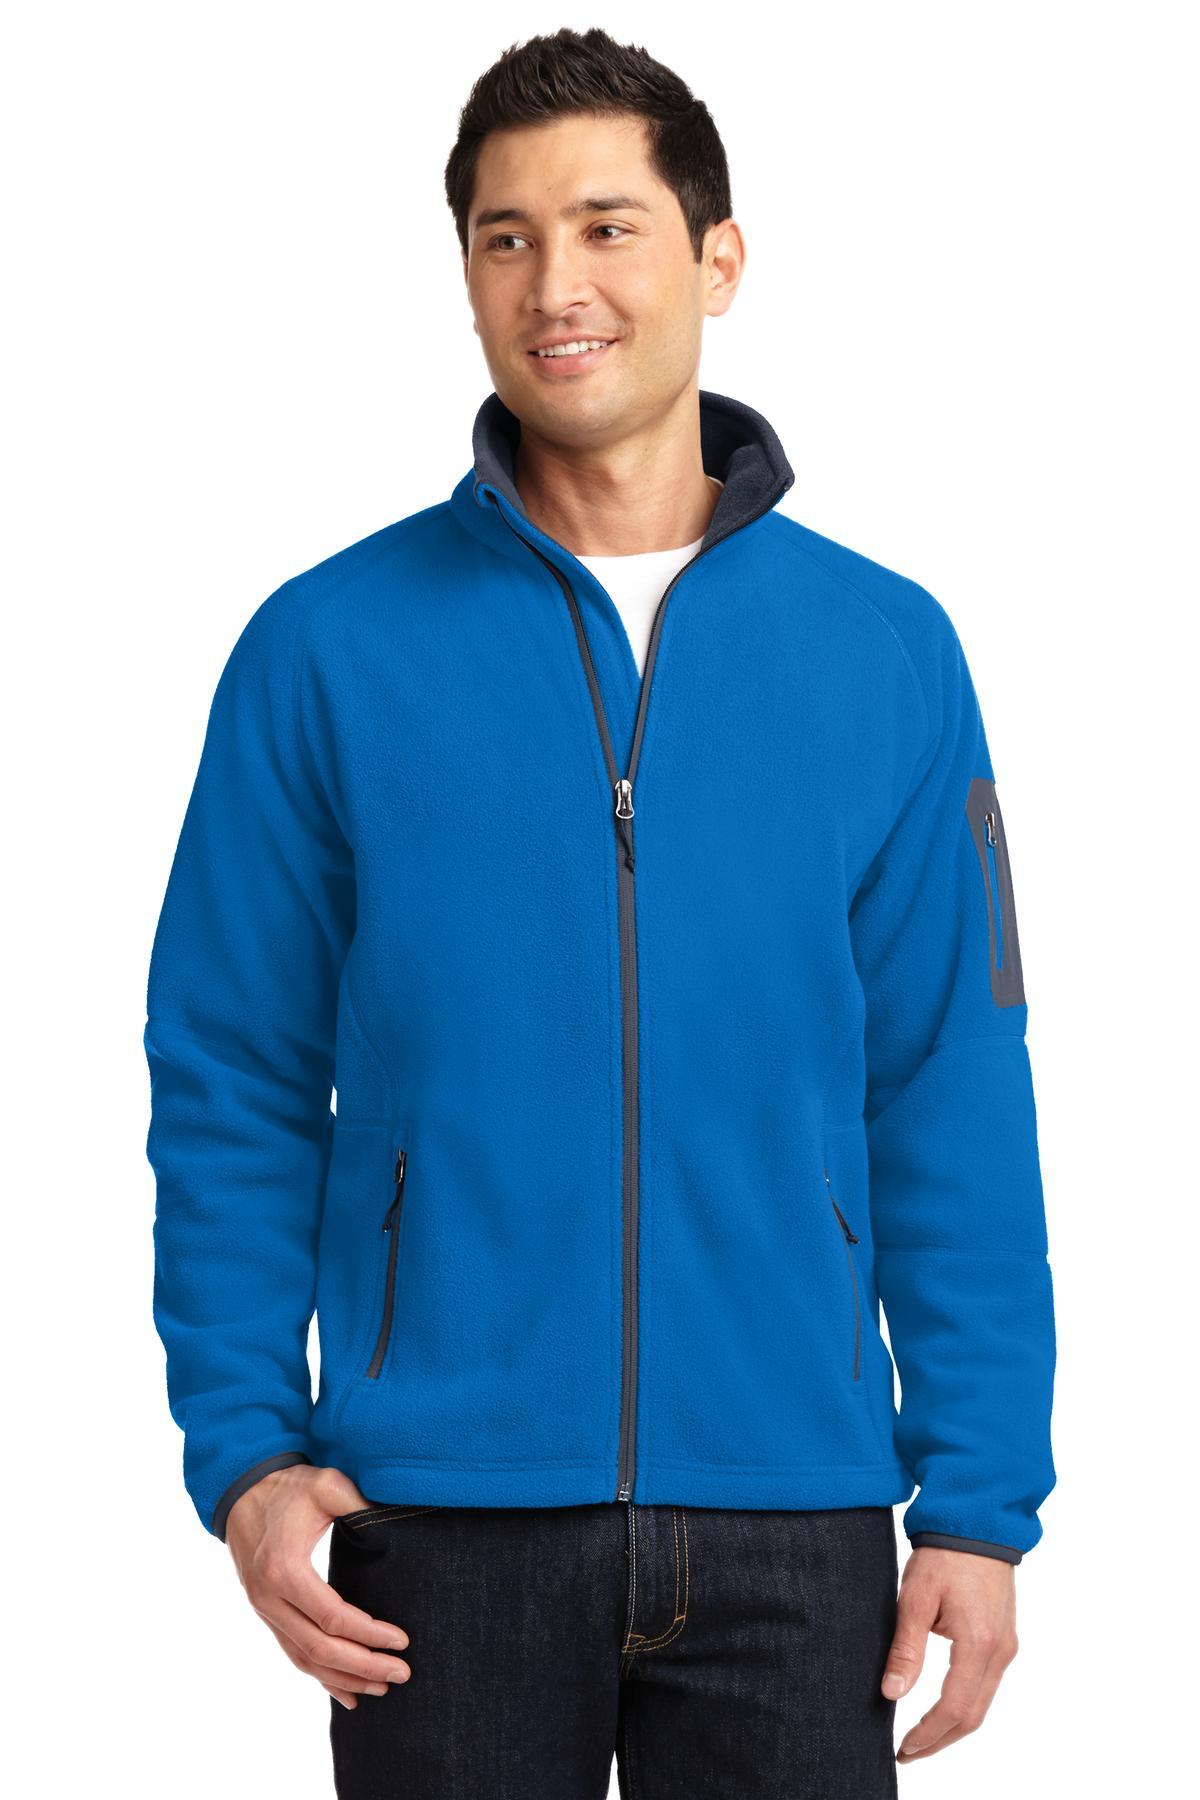 Outerwear-Polyester-Fleece-32